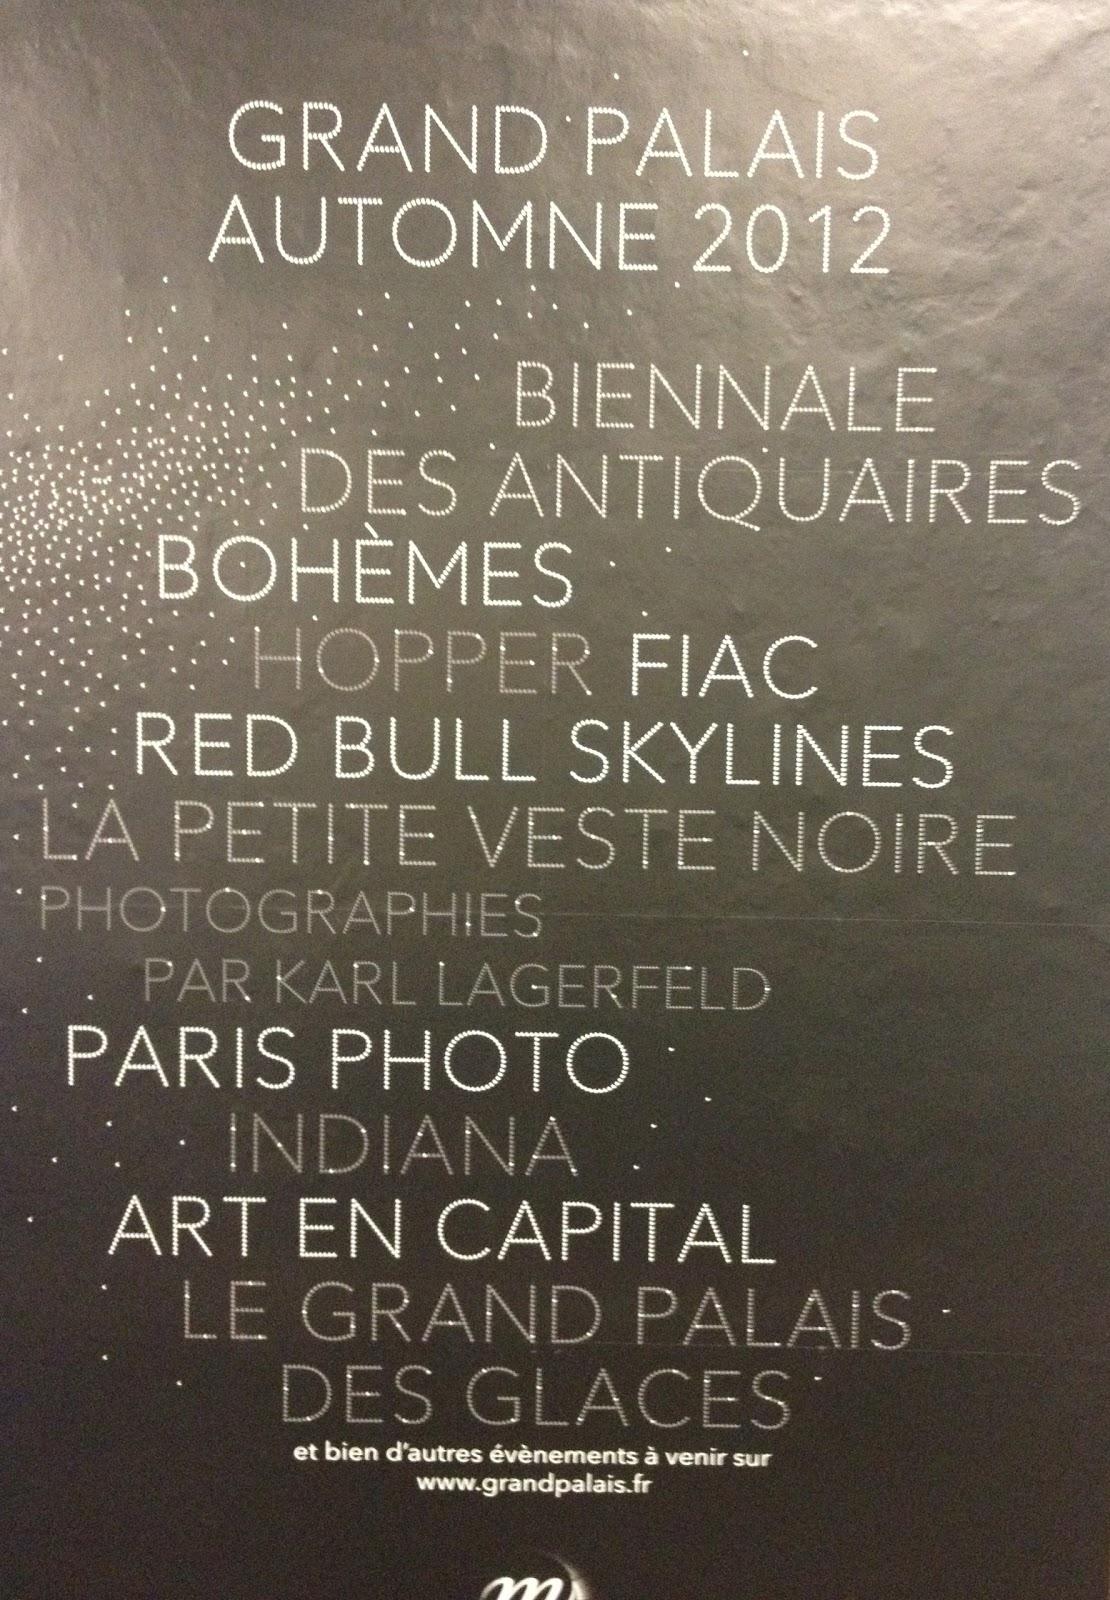 Au programme du Grand Palais, les foires et les marques. | Le Beau Vice